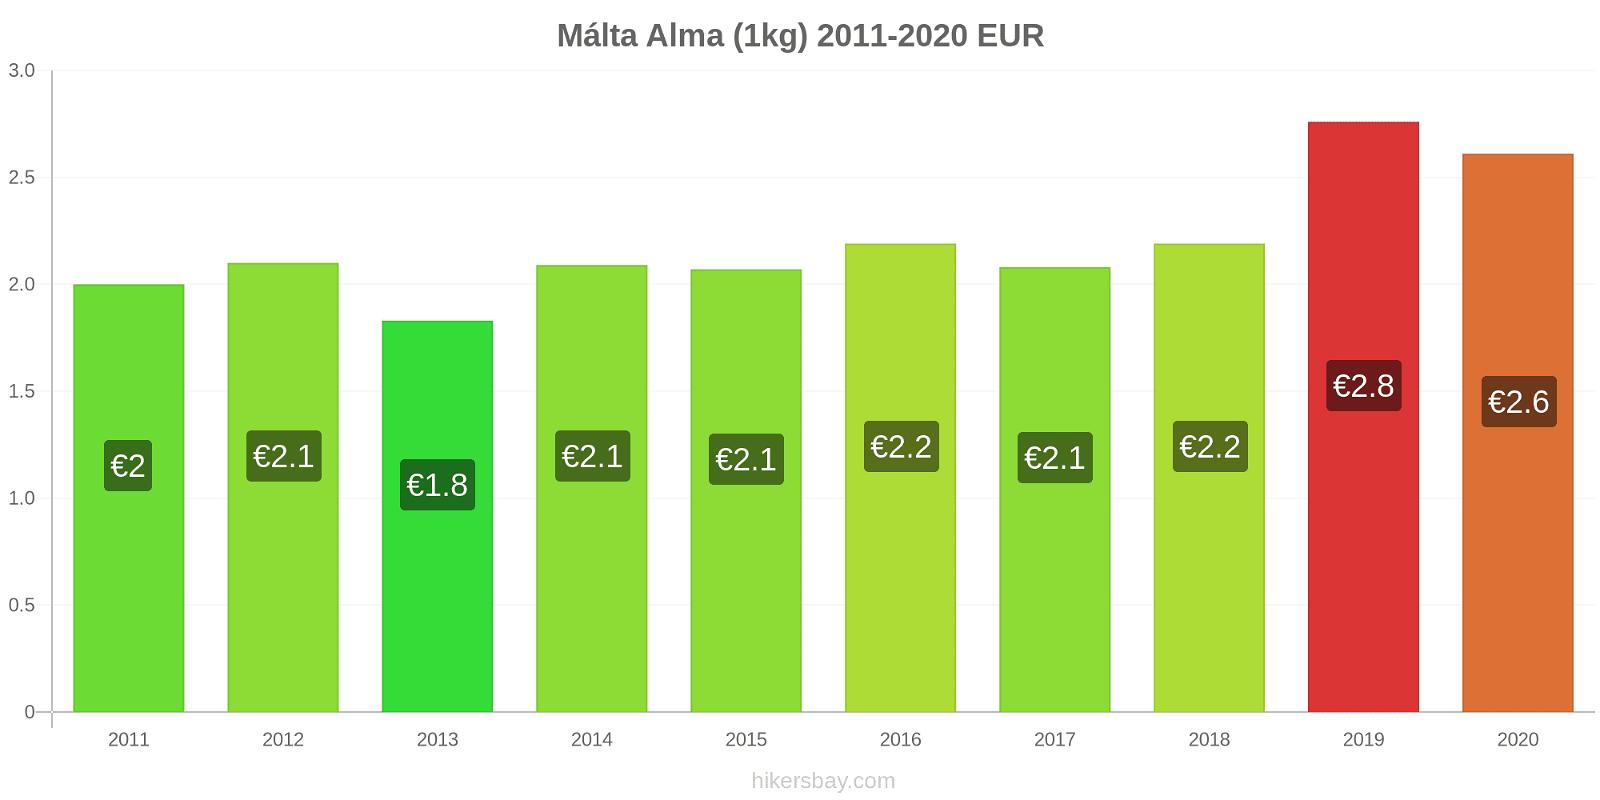 Málta árváltozások Alma (1kg) hikersbay.com